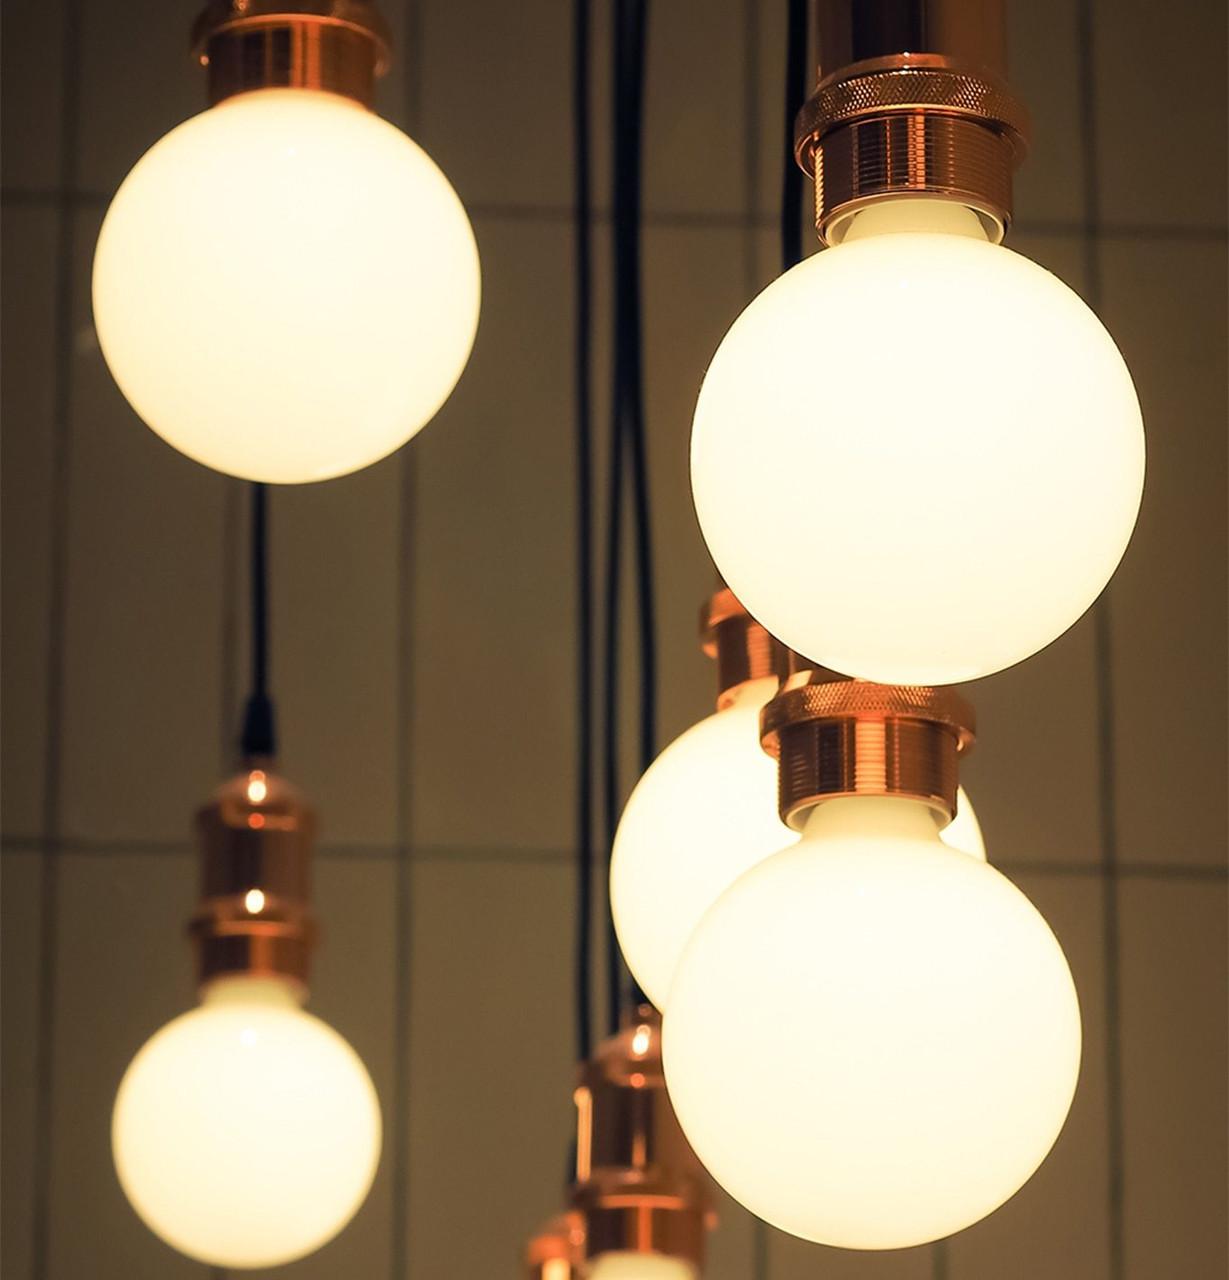 LED Dimmable G125 Crackle Light Bulbs